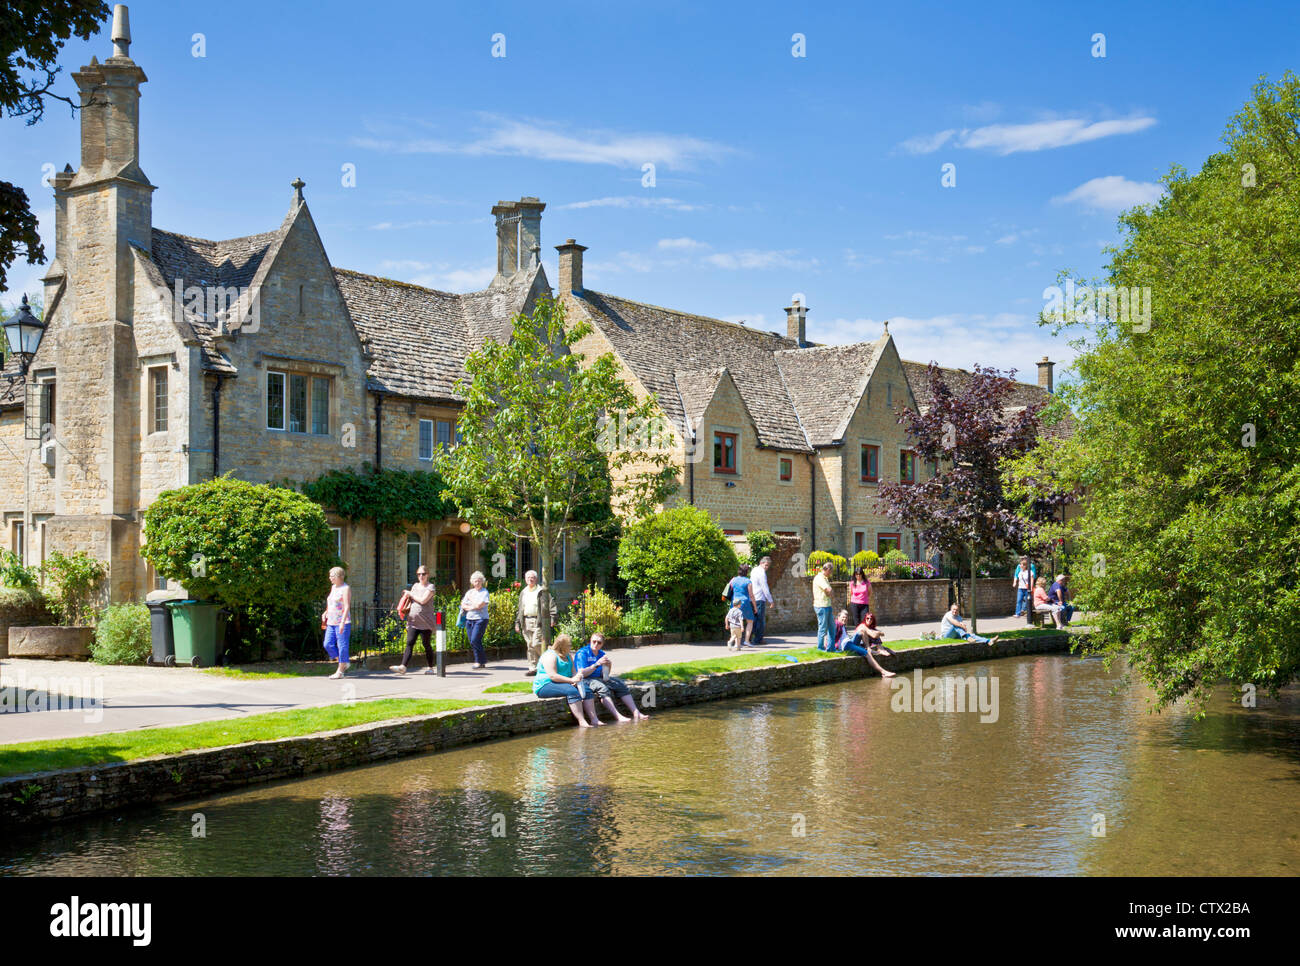 Bourton auf Wasser Cotswolds Gloucestershire England UK GB EU Europa Stockbild